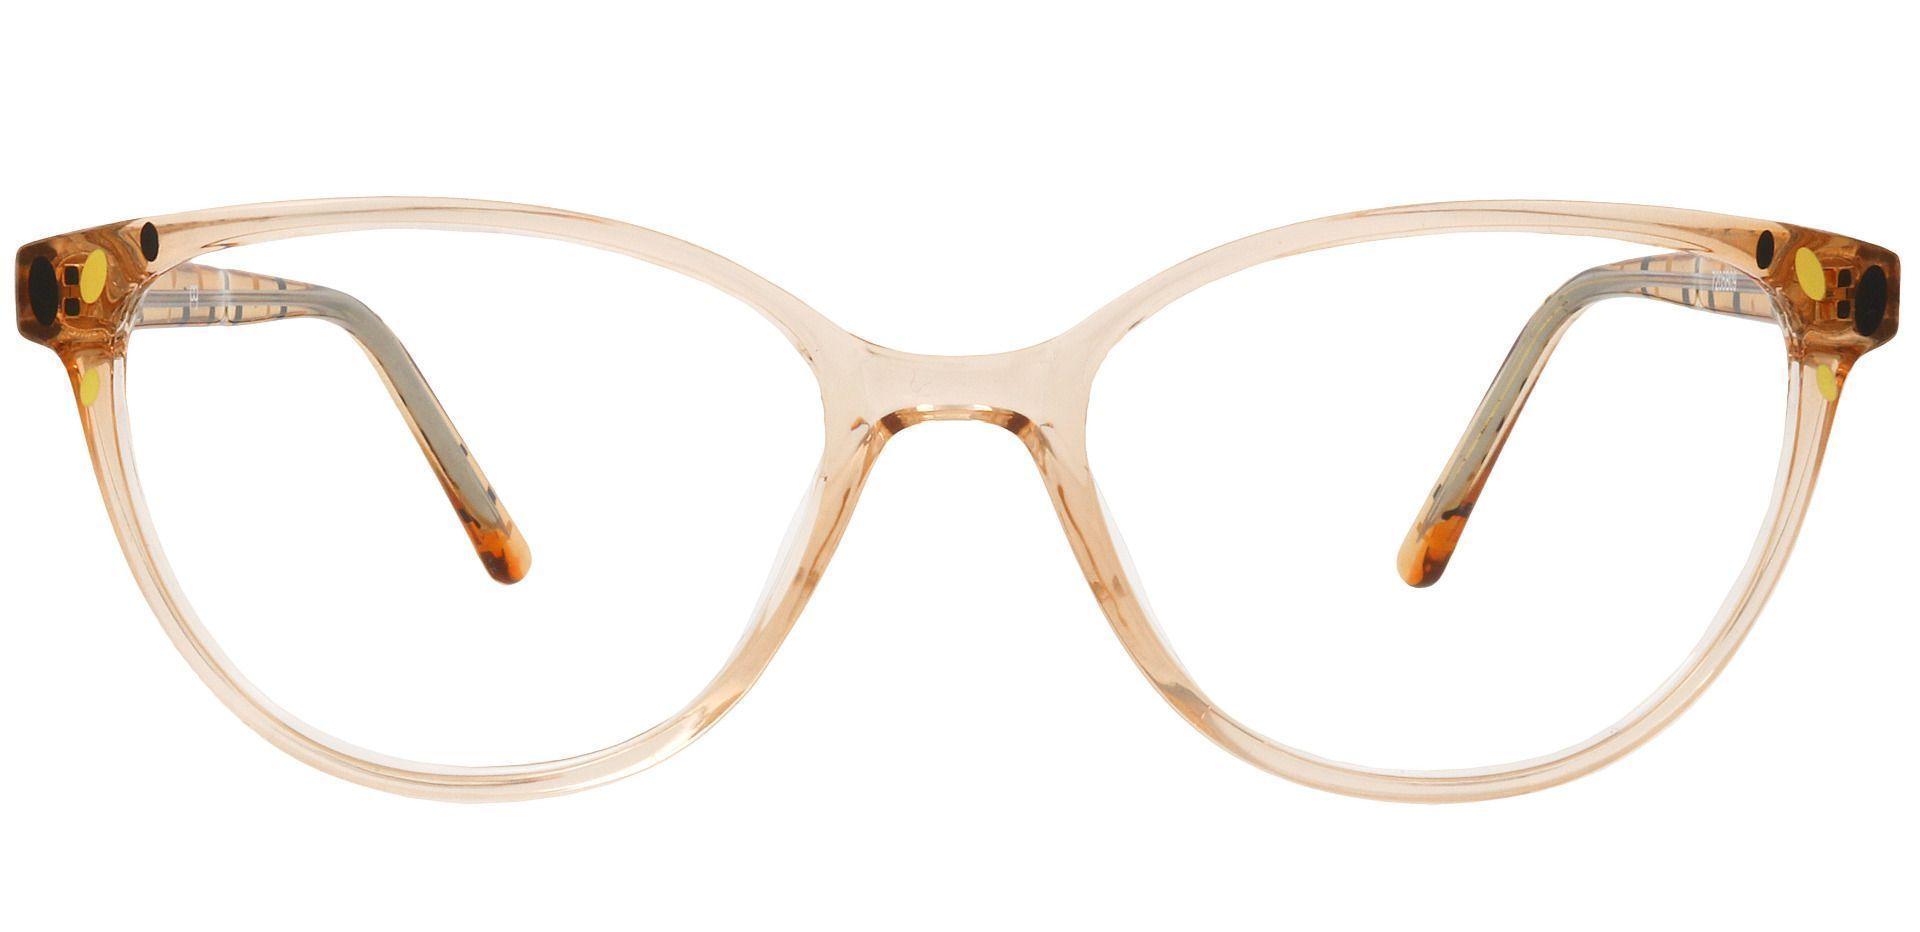 Carma Oval Prescription Glasses - Brown